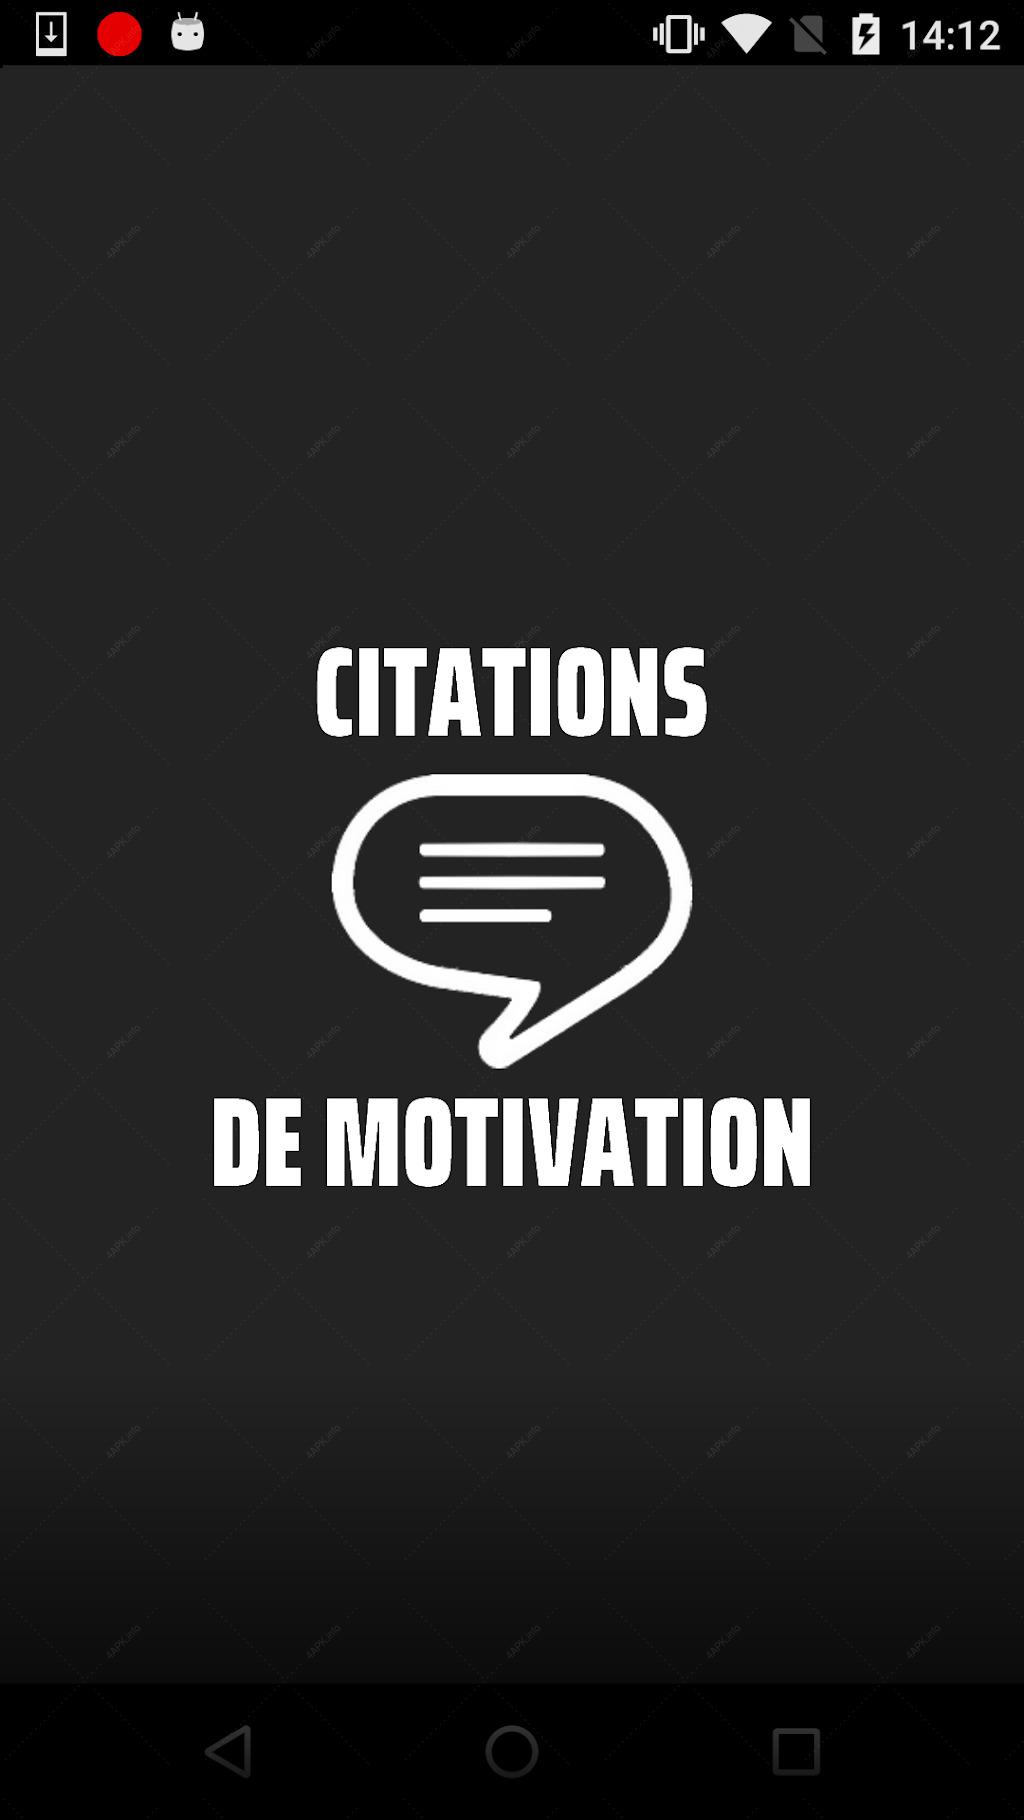 Citations De Motivation En Français приложение V 1 22